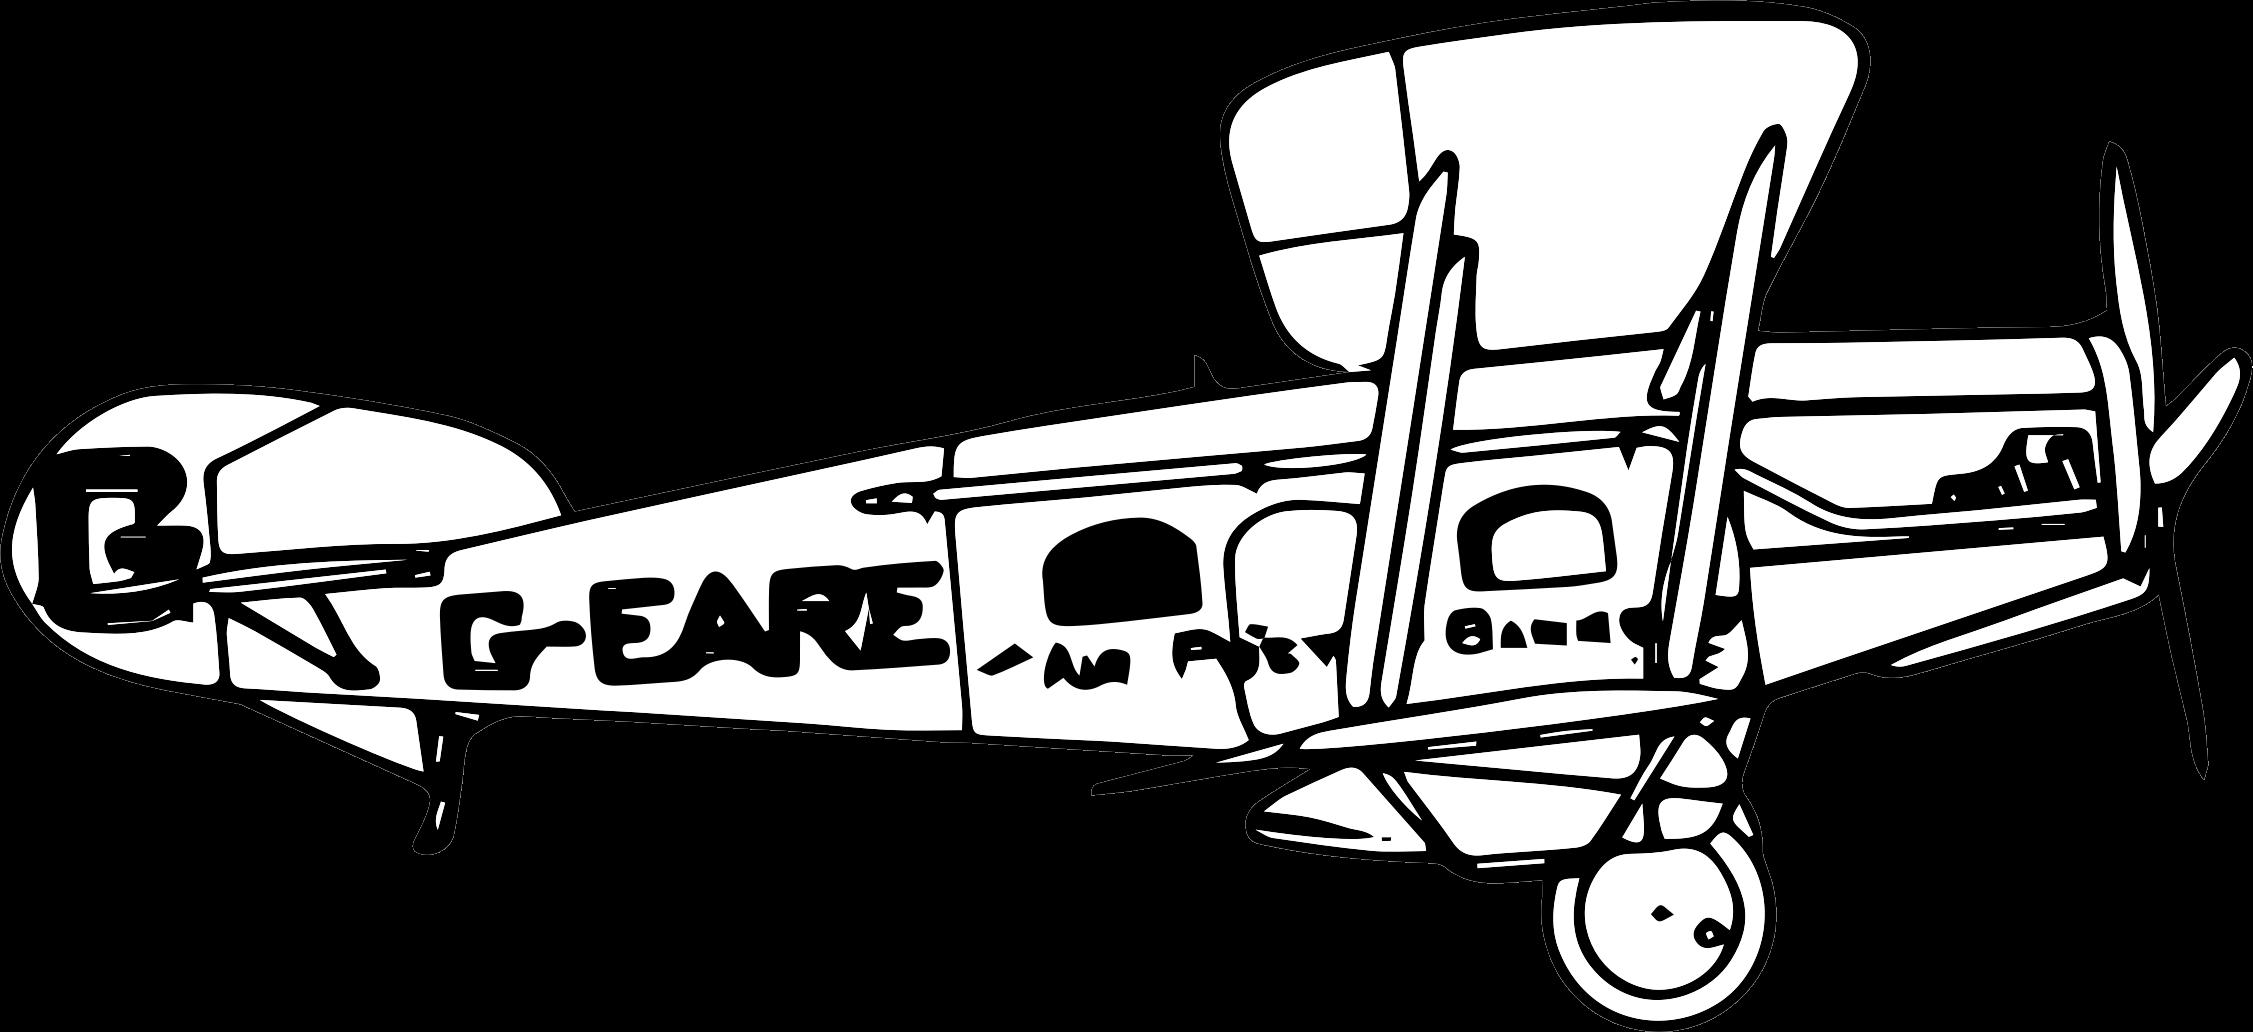 clip transparent download Biplane clipart. Westland limousine big image.